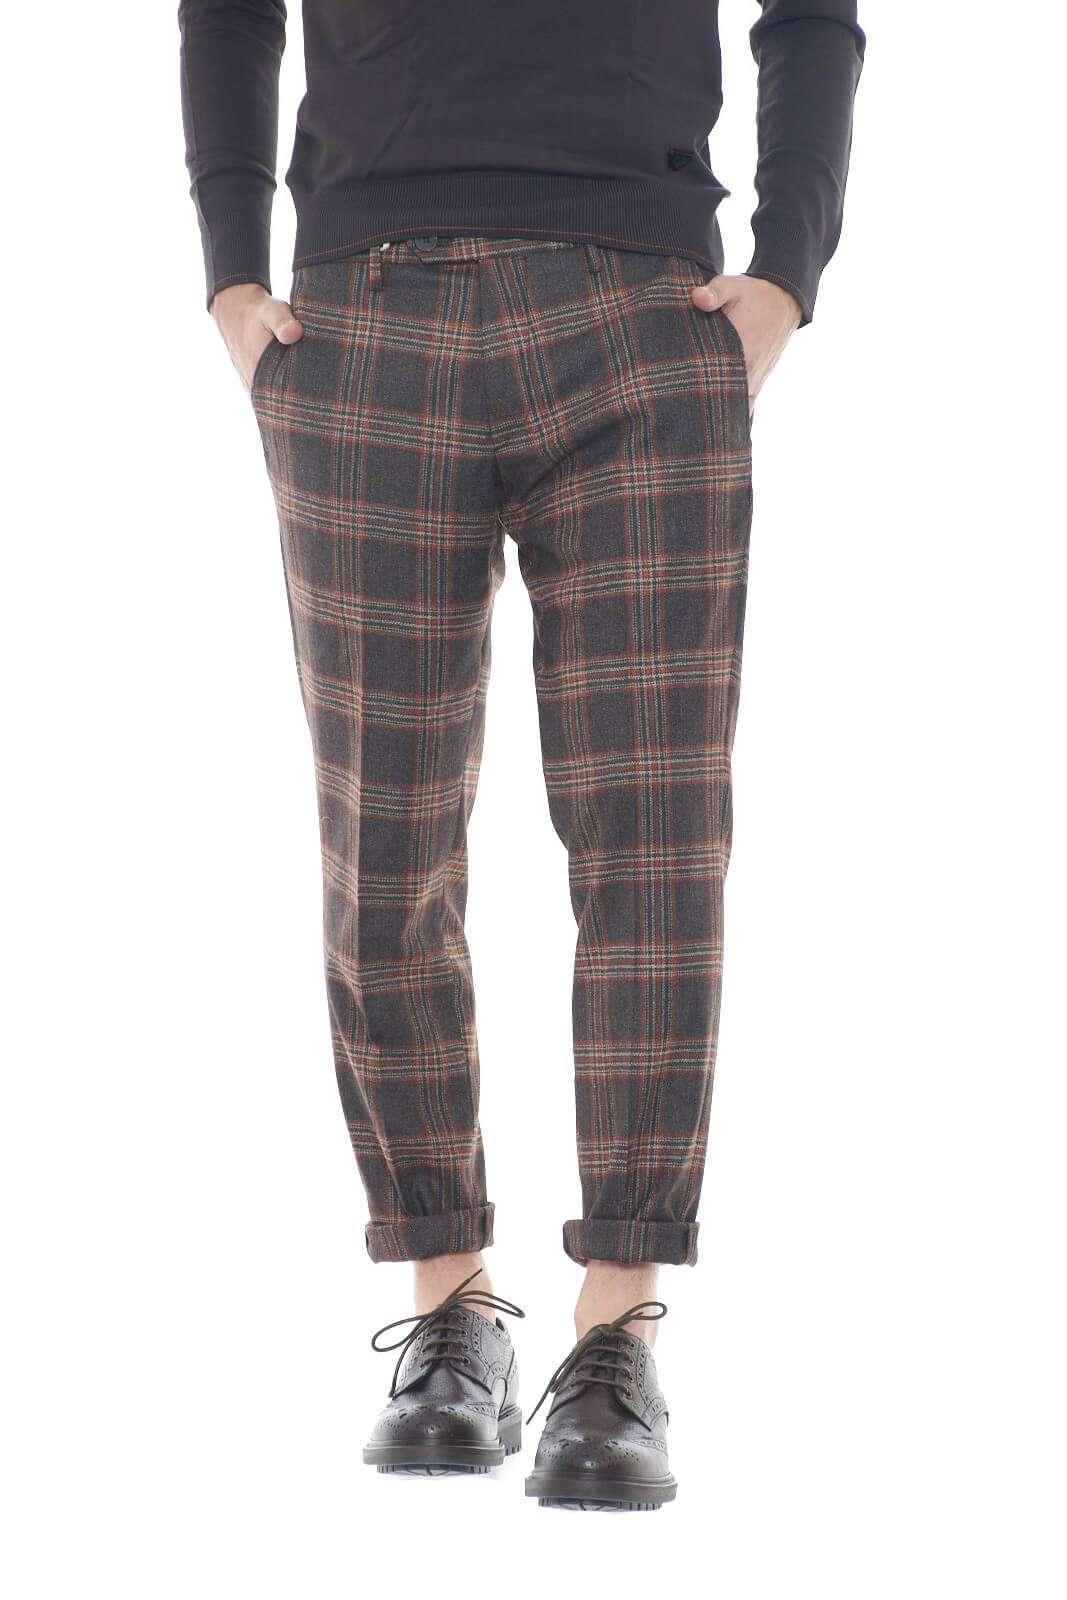 Un pantalone chic ed eclettico, perfetto per l'uomo che ama look stravaganti e moderni. La fantasia a quadri, lo rende unico nel suo genere, e donerà stile ad ogni outfit che indosserai.  Il modello è alto 1,80m e indossa la taglia 34.